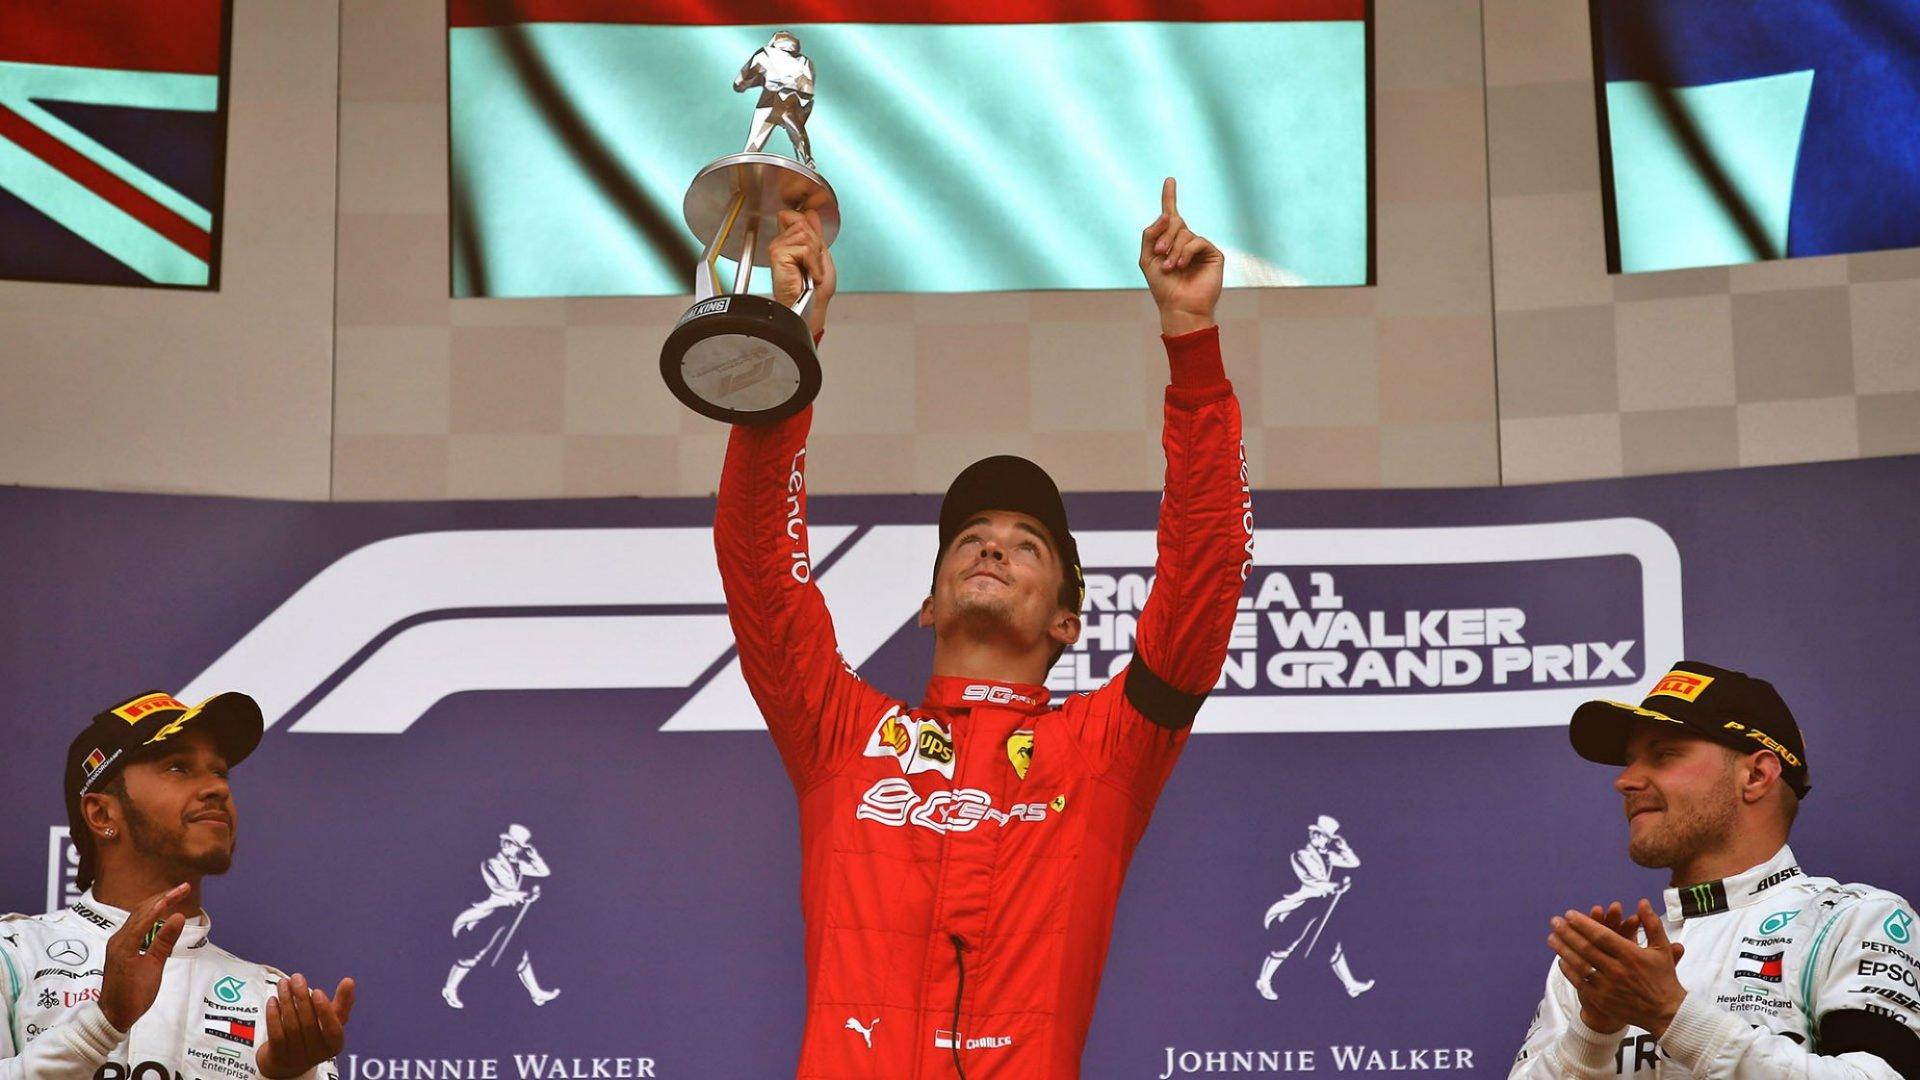 GP de Bélgica: Leclerc y Ferrari vencen por primera vez este año